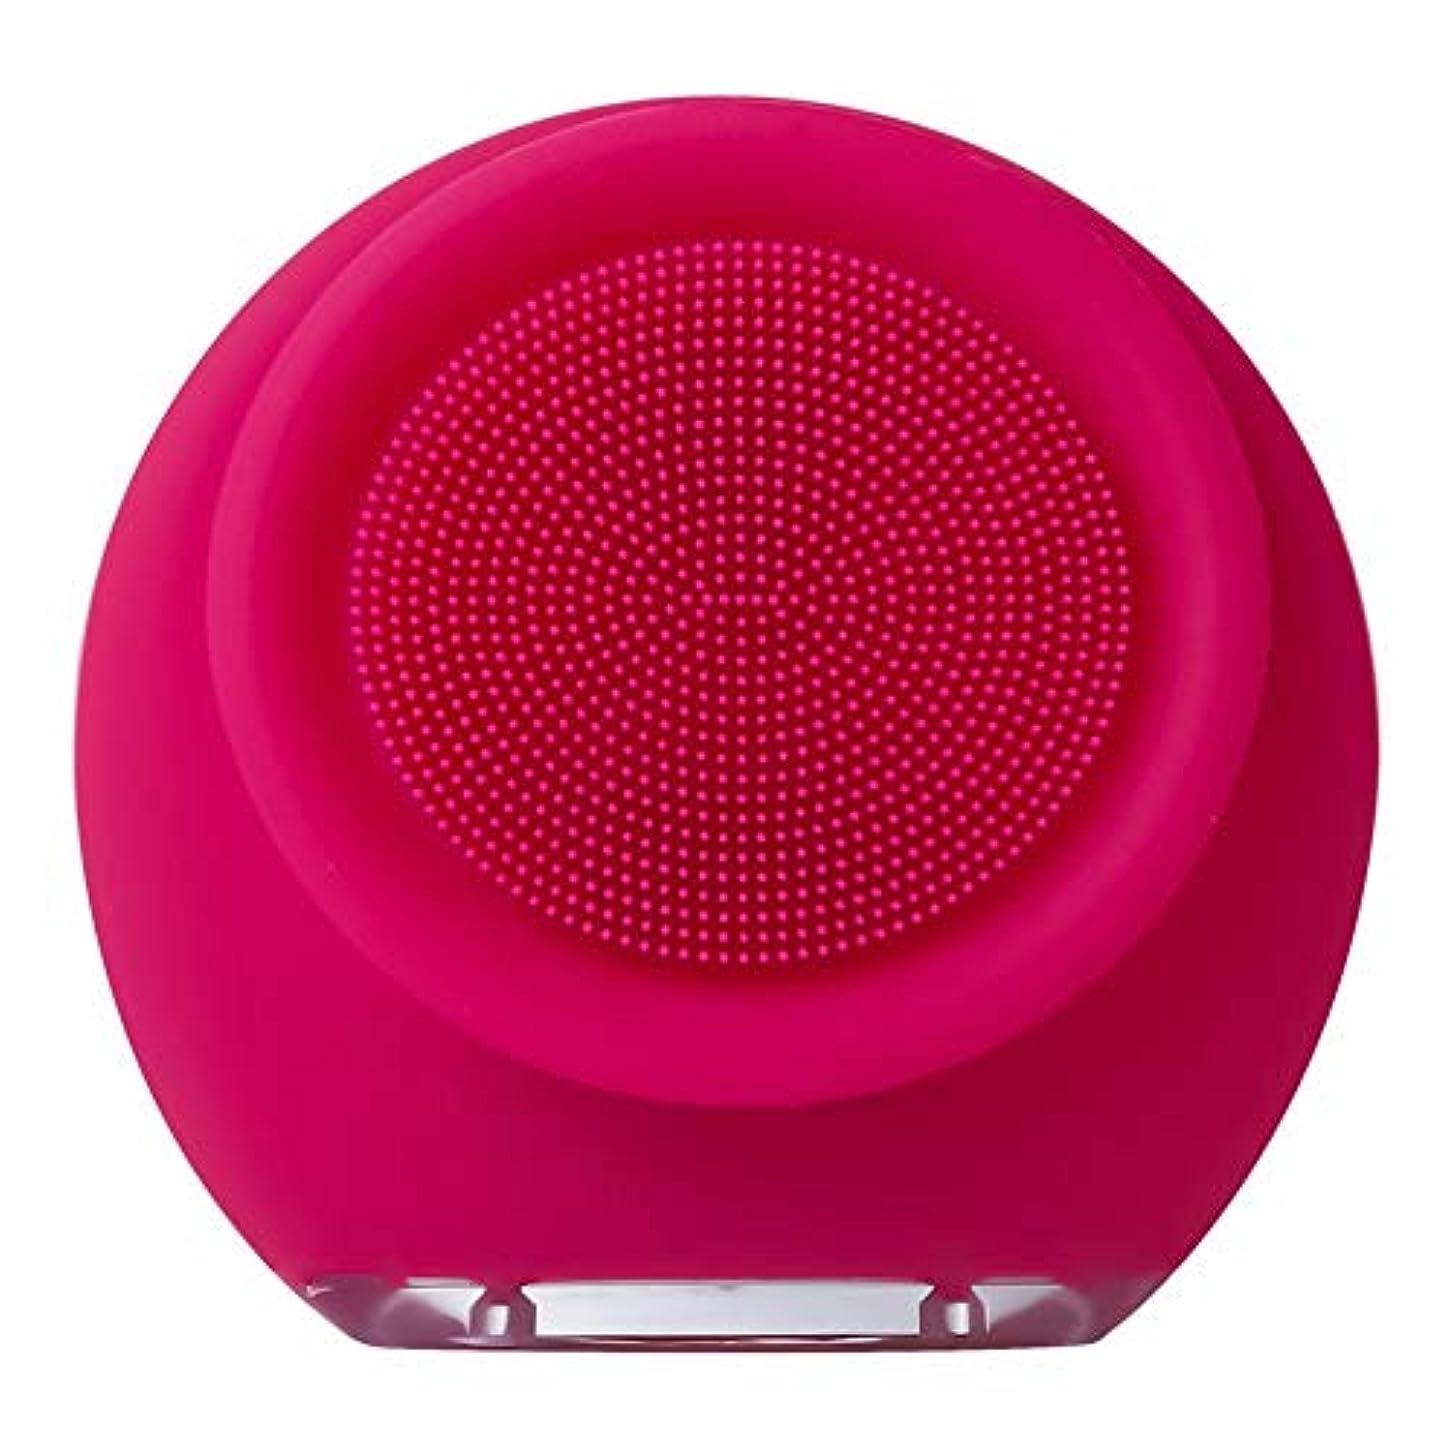 透過性ホバー原告ZHILI フェイスクリーナー防水電動フェイスクレンザーシリコンフェイシャルブラシマッサージャー削除肌にきびにきび毛穴美容ツール (Color : Pink2)